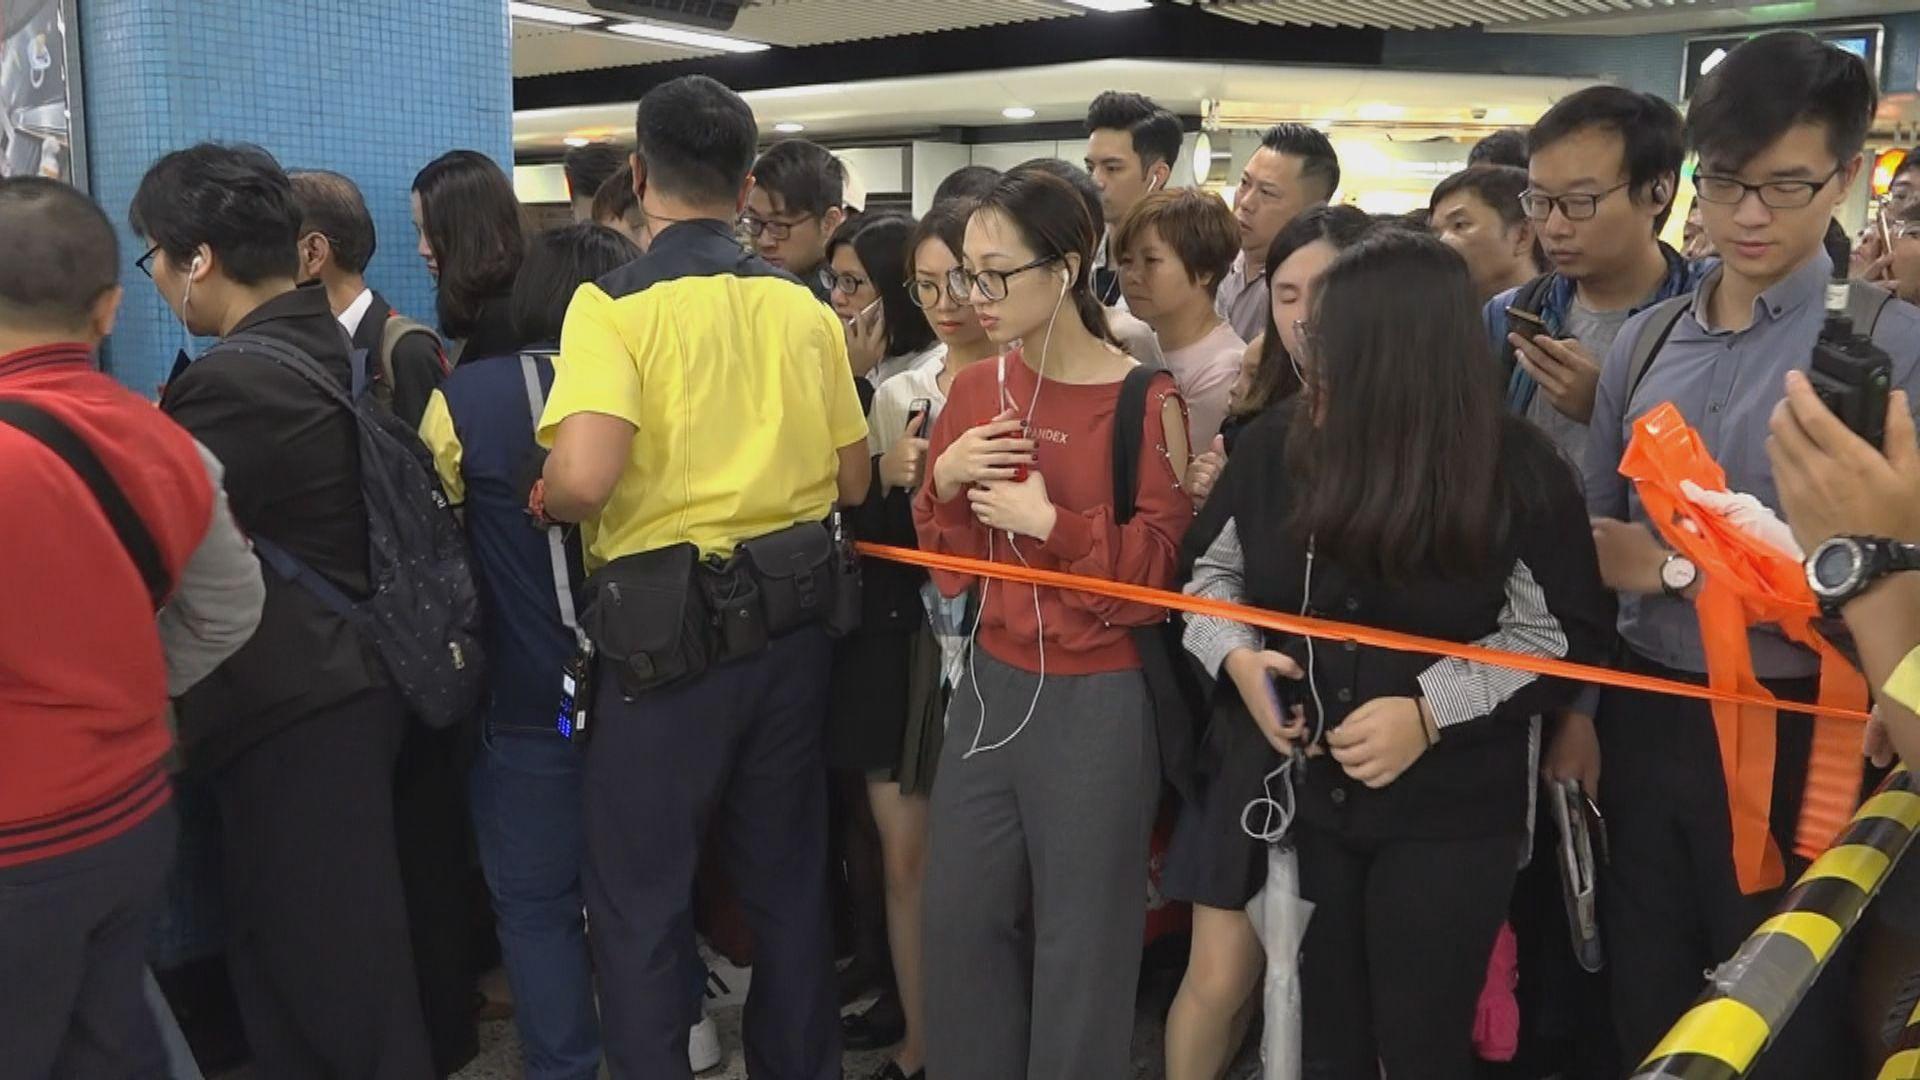 九龍塘站擠滿乘客 要人流管制